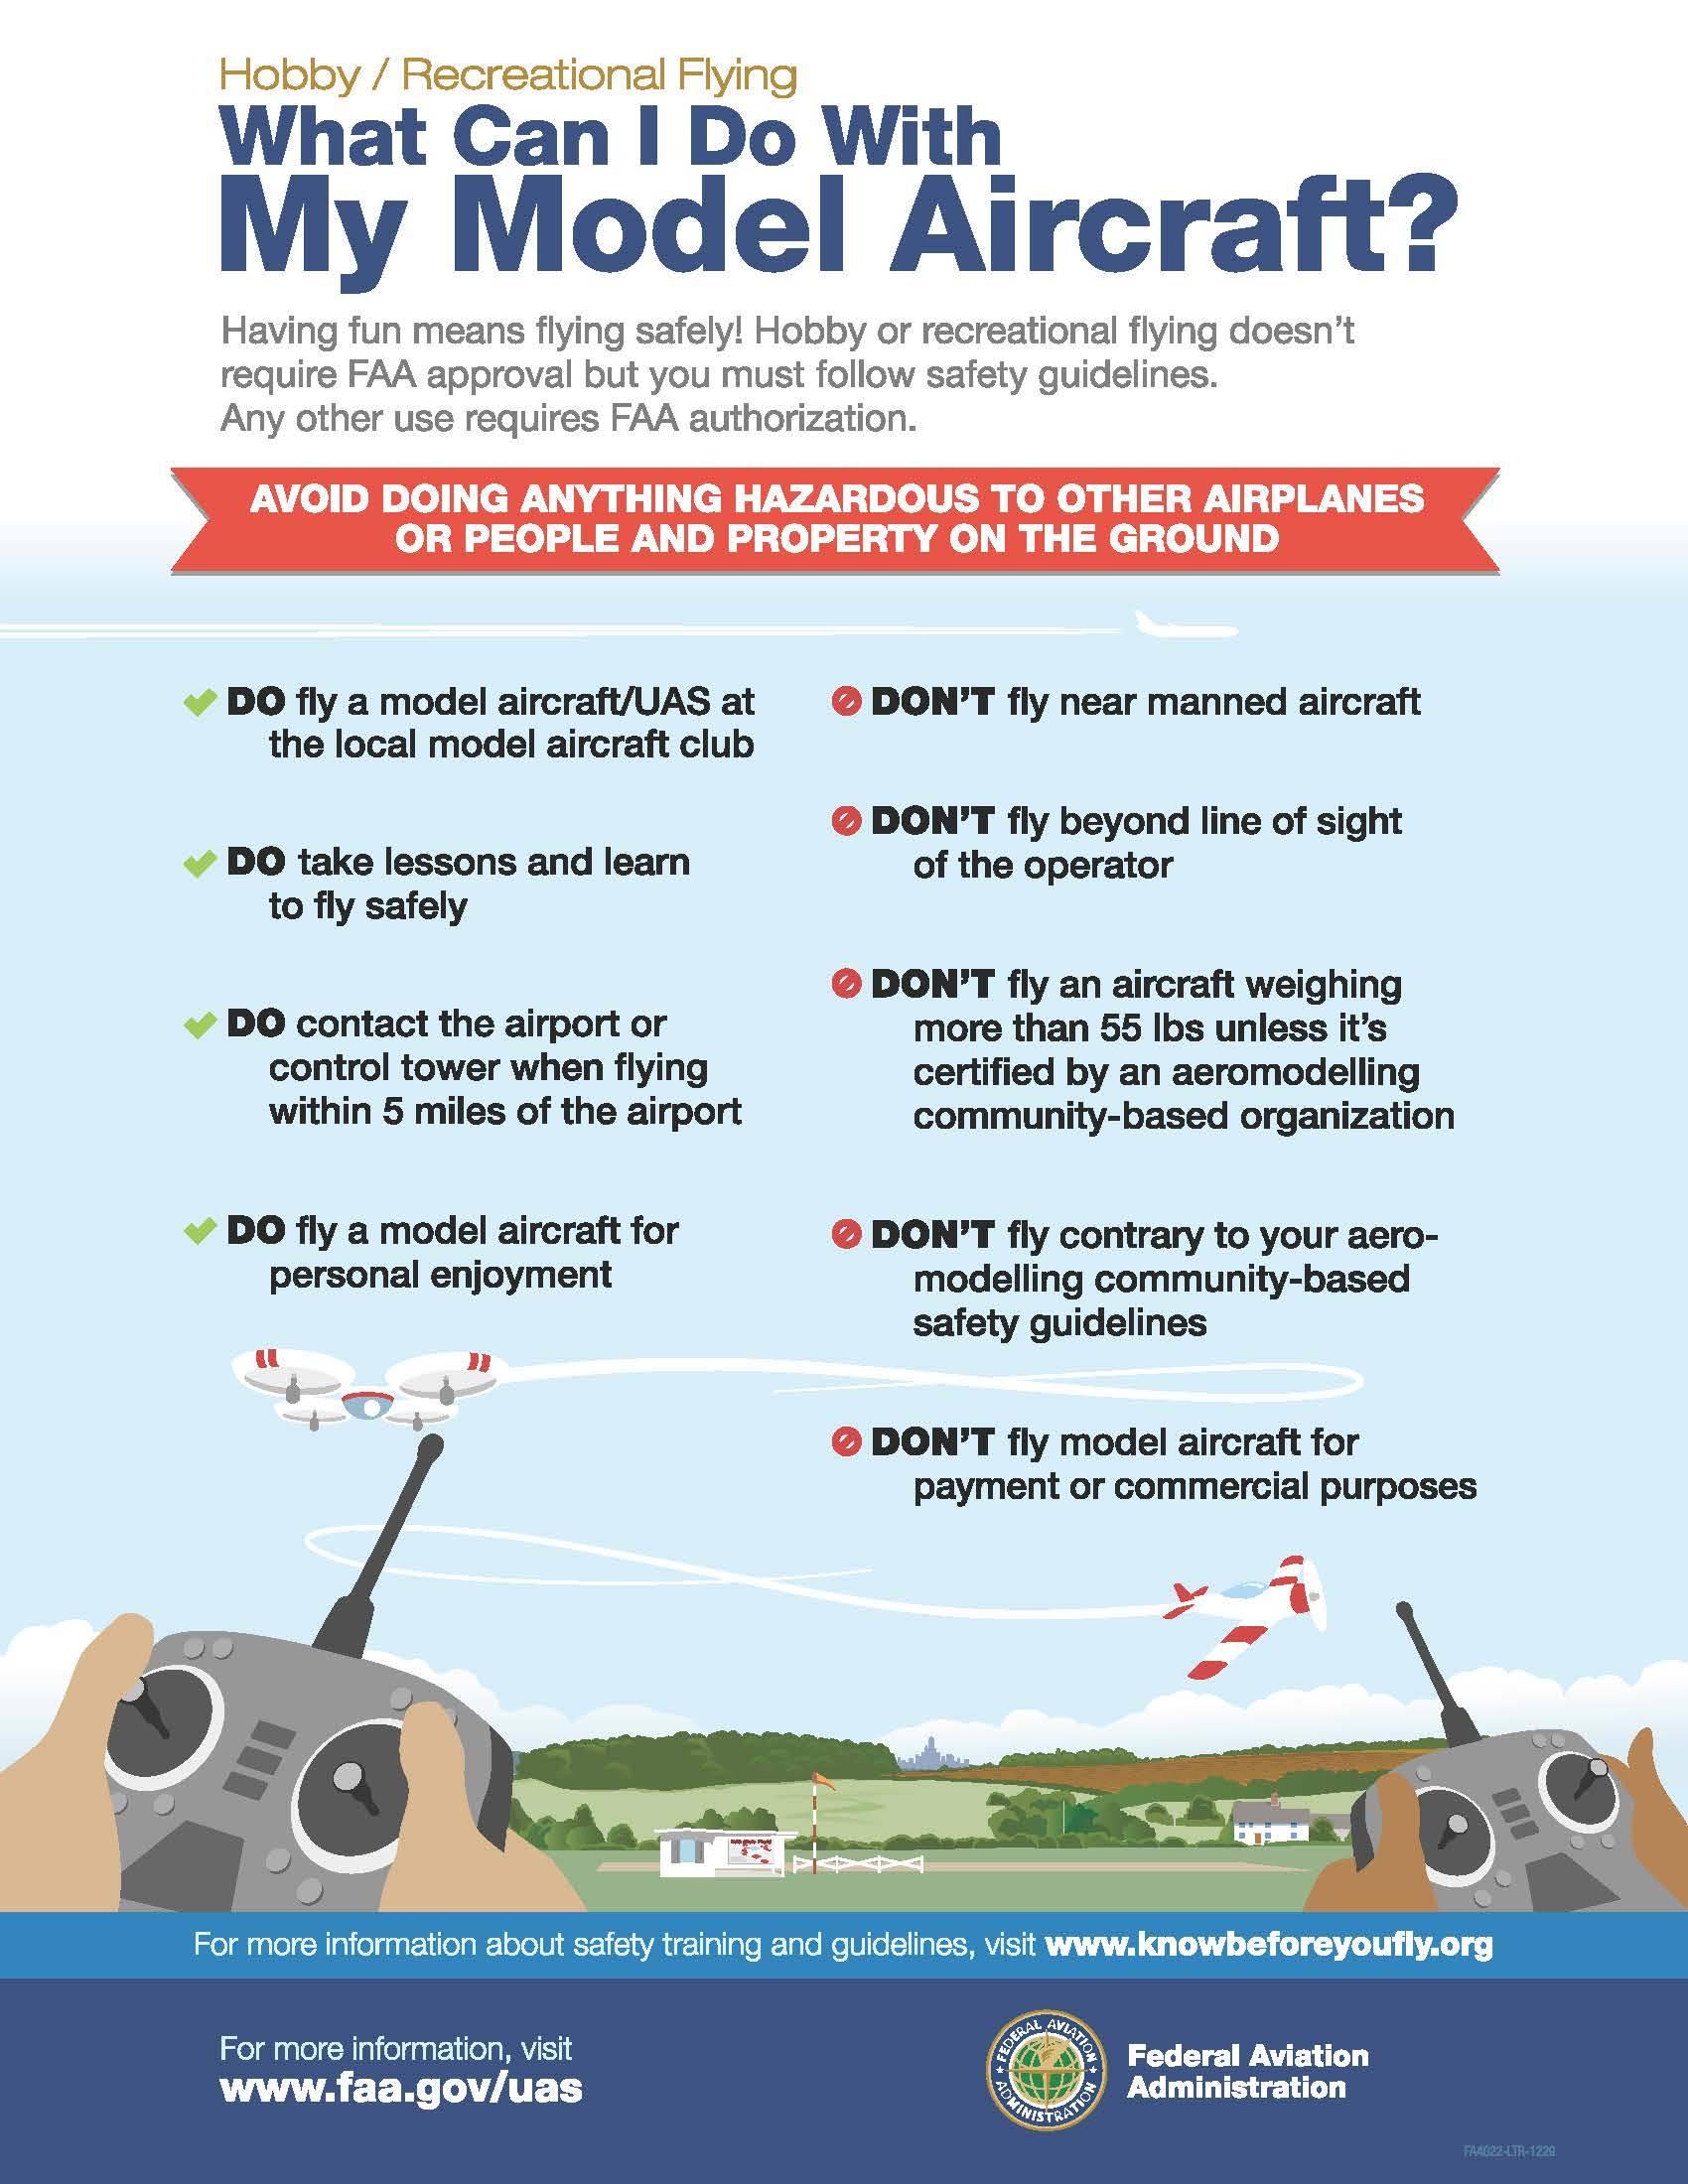 publicidad del uso de drones de la FAA